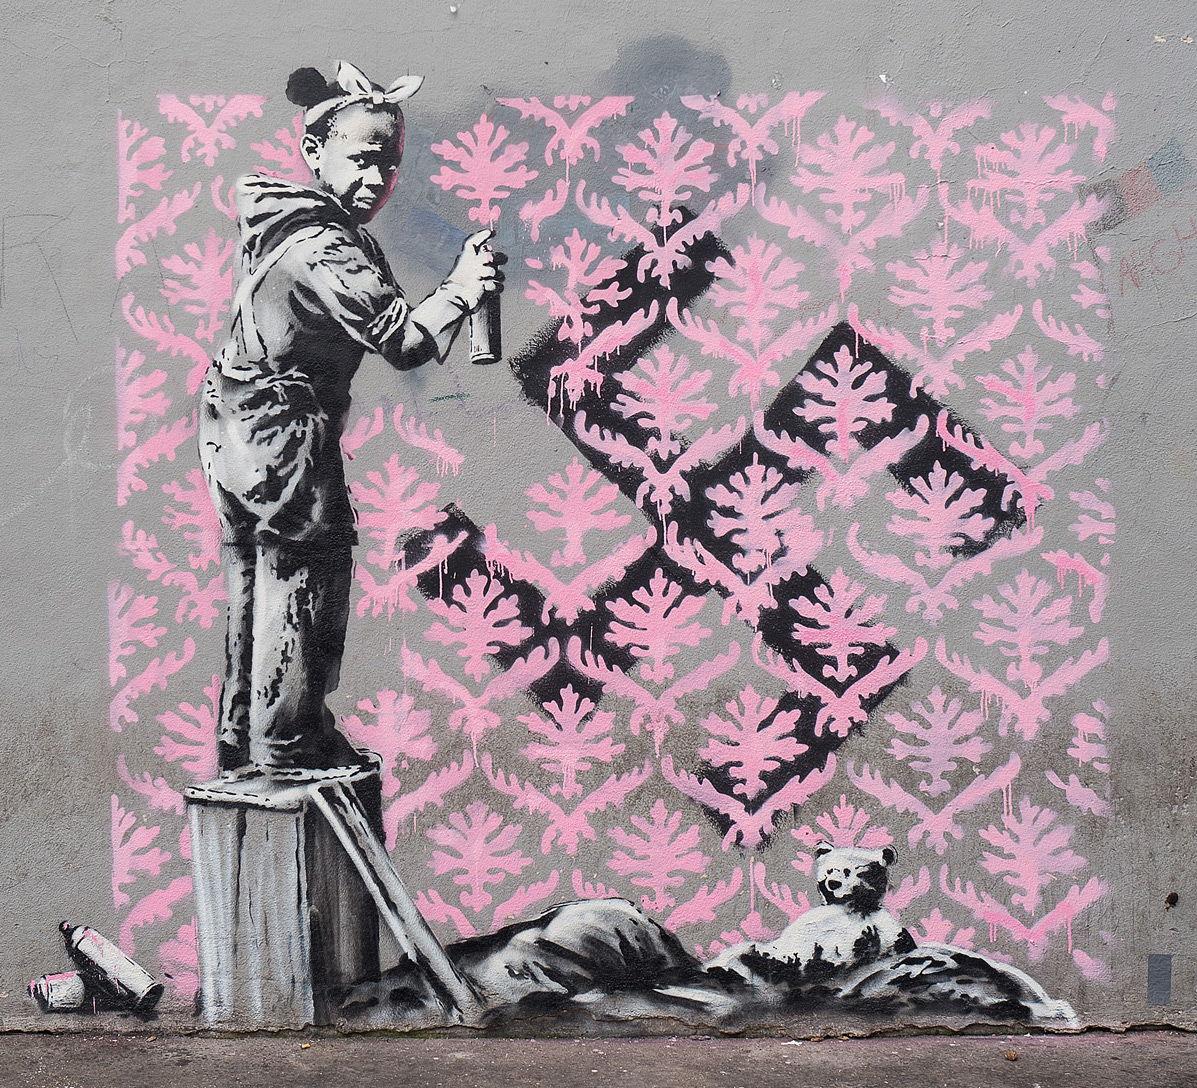 Parigi: rubata opera di Banksy in omaggio alle vittime del Bataclan foto 1